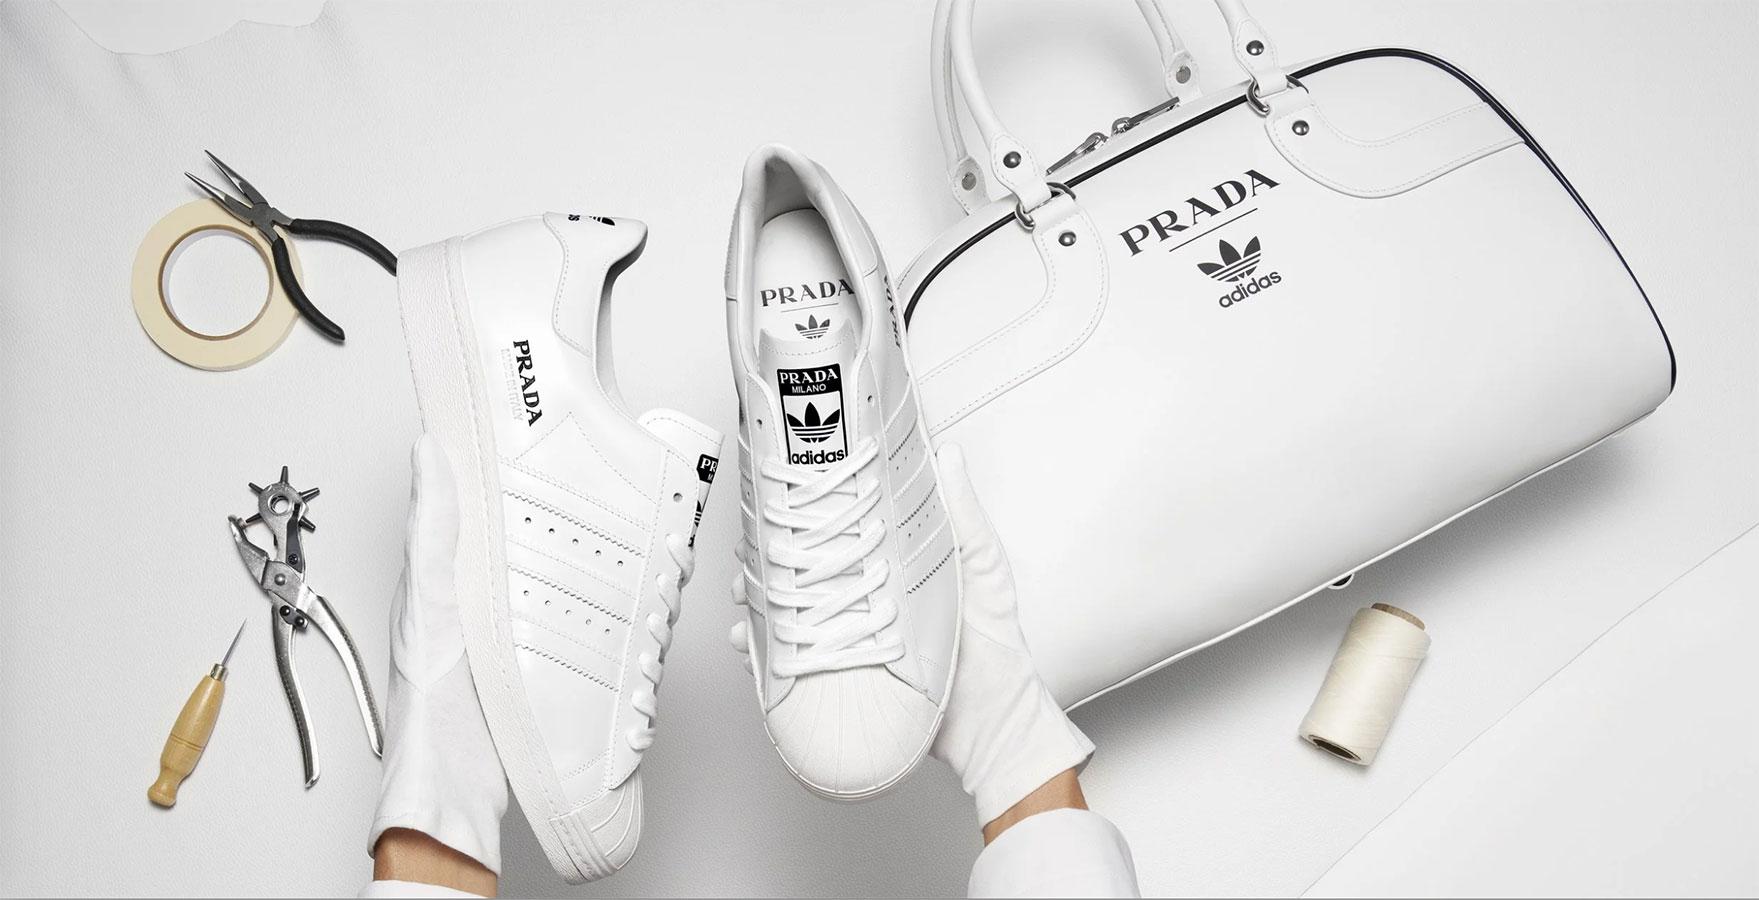 Giày Prada giúp thương hiệu trở thành ông lớn của ngành thời trang